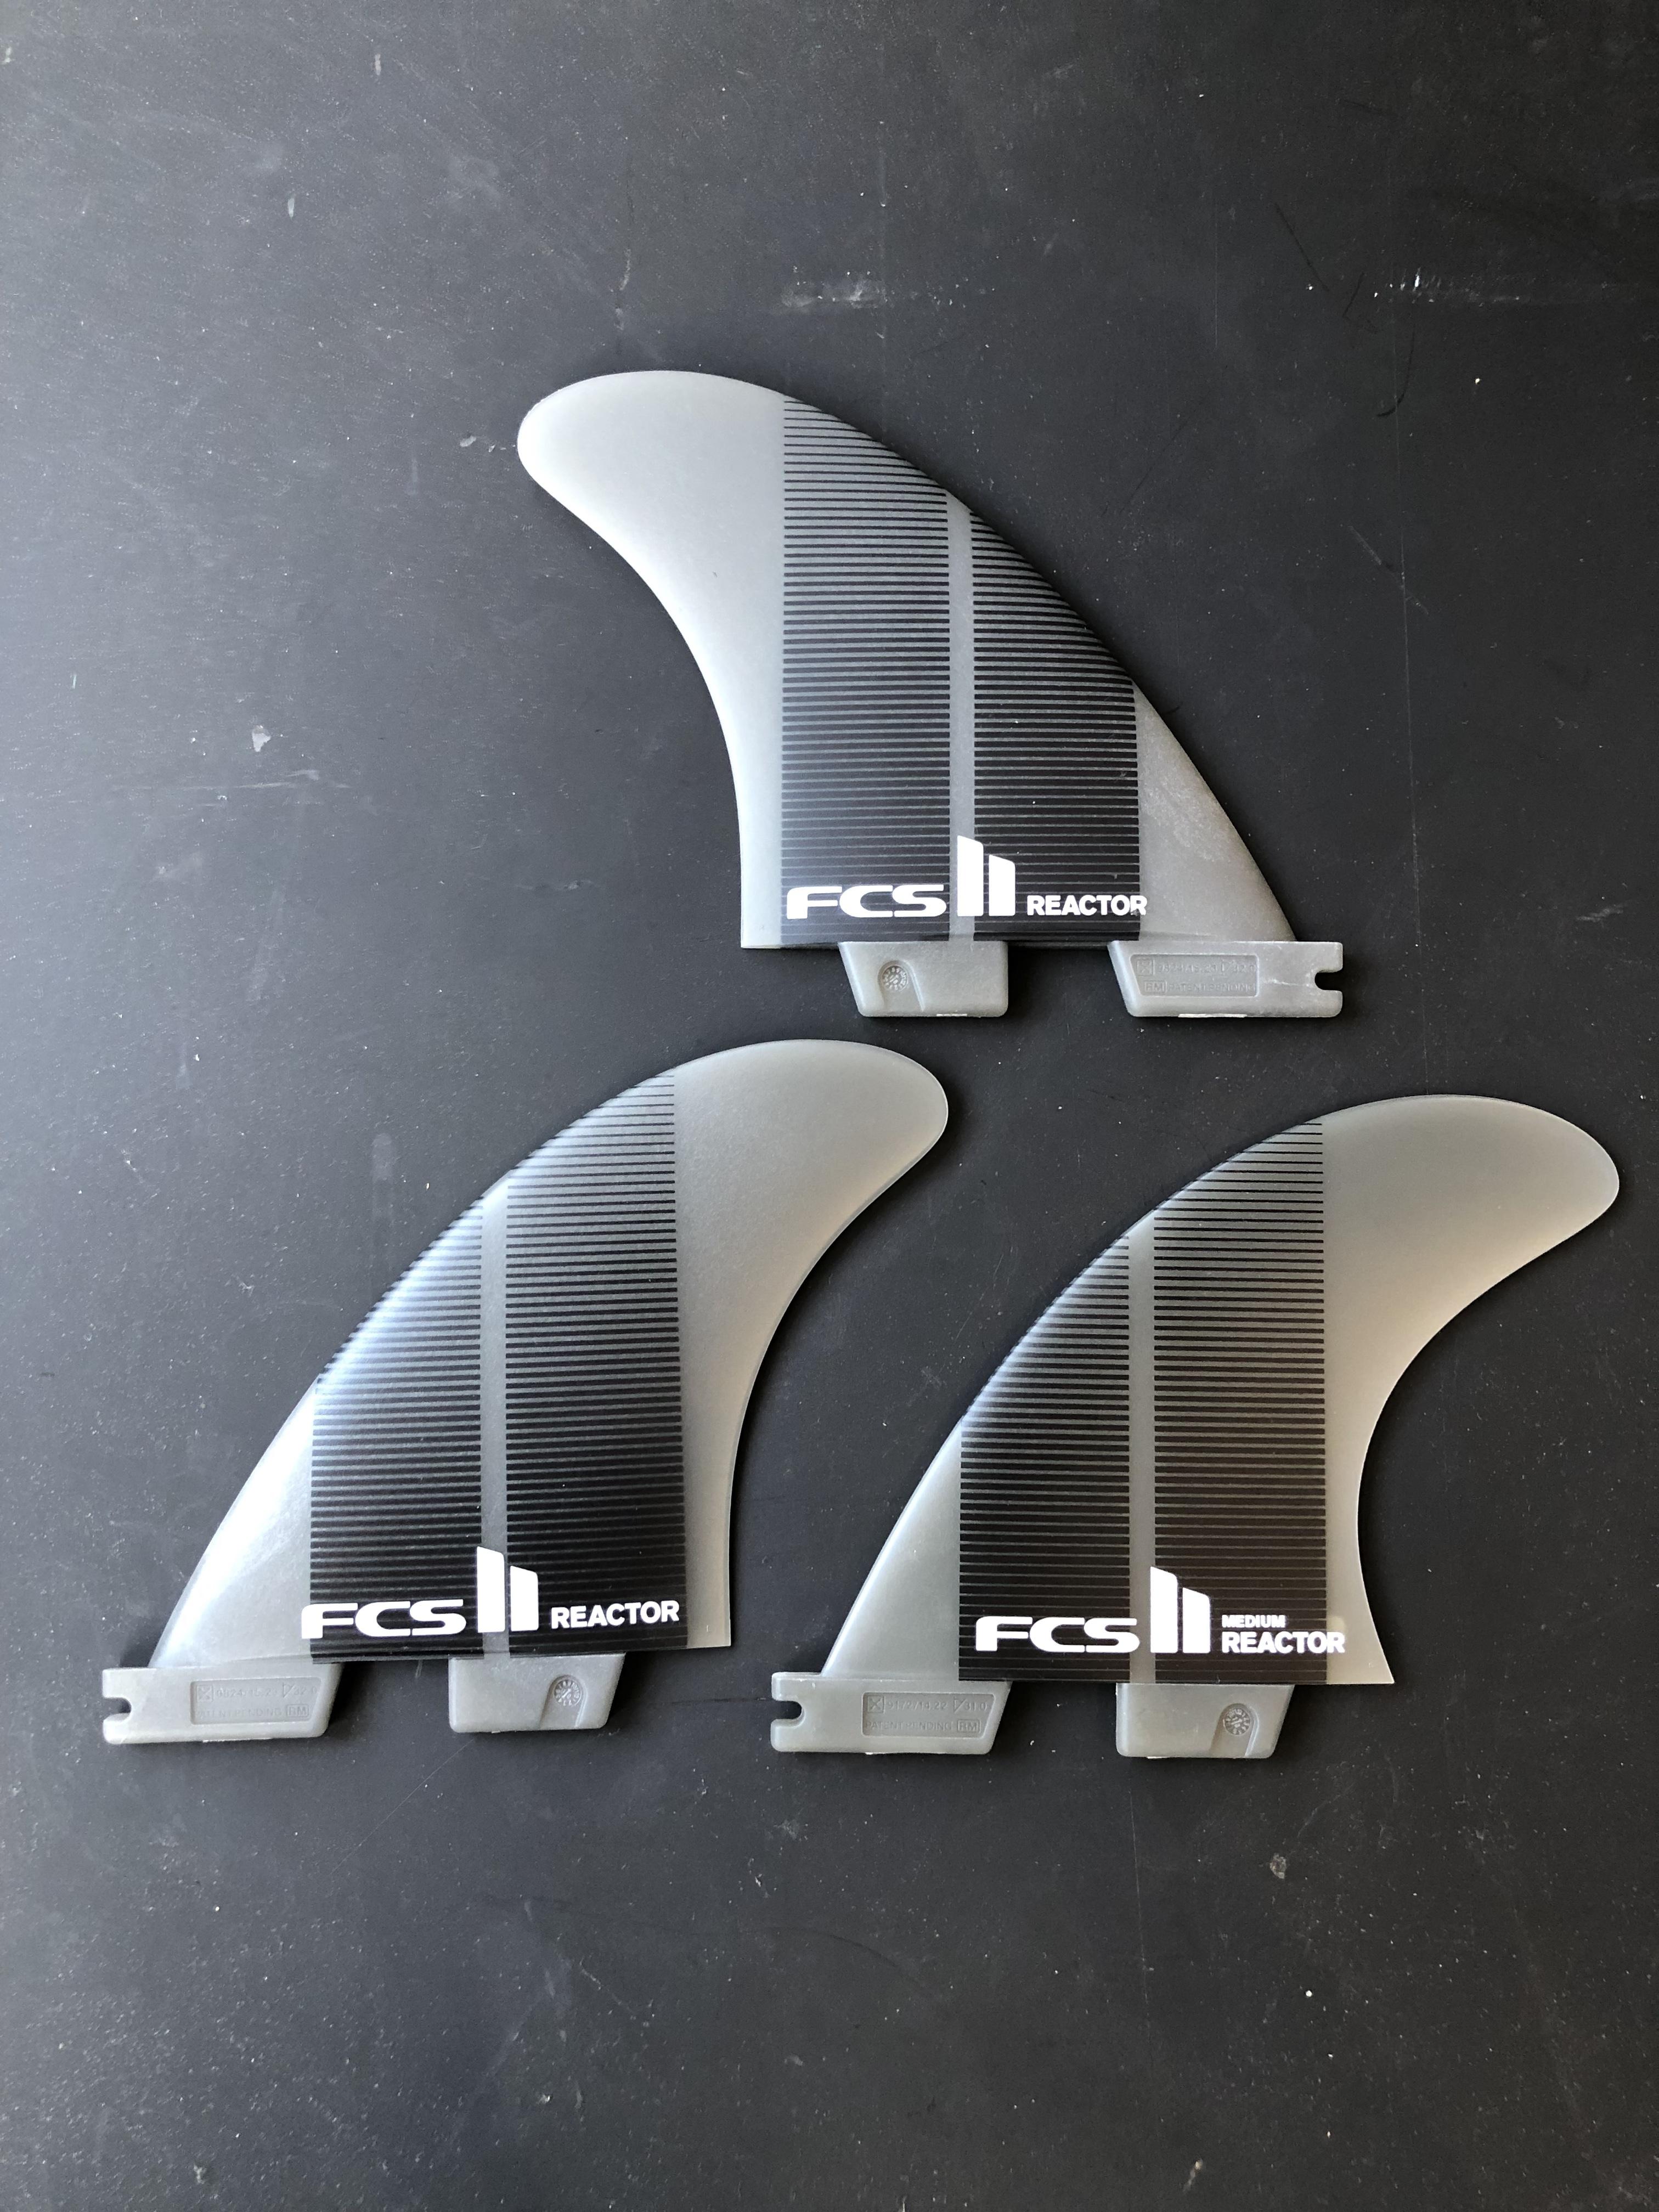 FCS2 フィン REACTOR NEO GLASS ネオグラス リアクター トライフィン Mサイズ